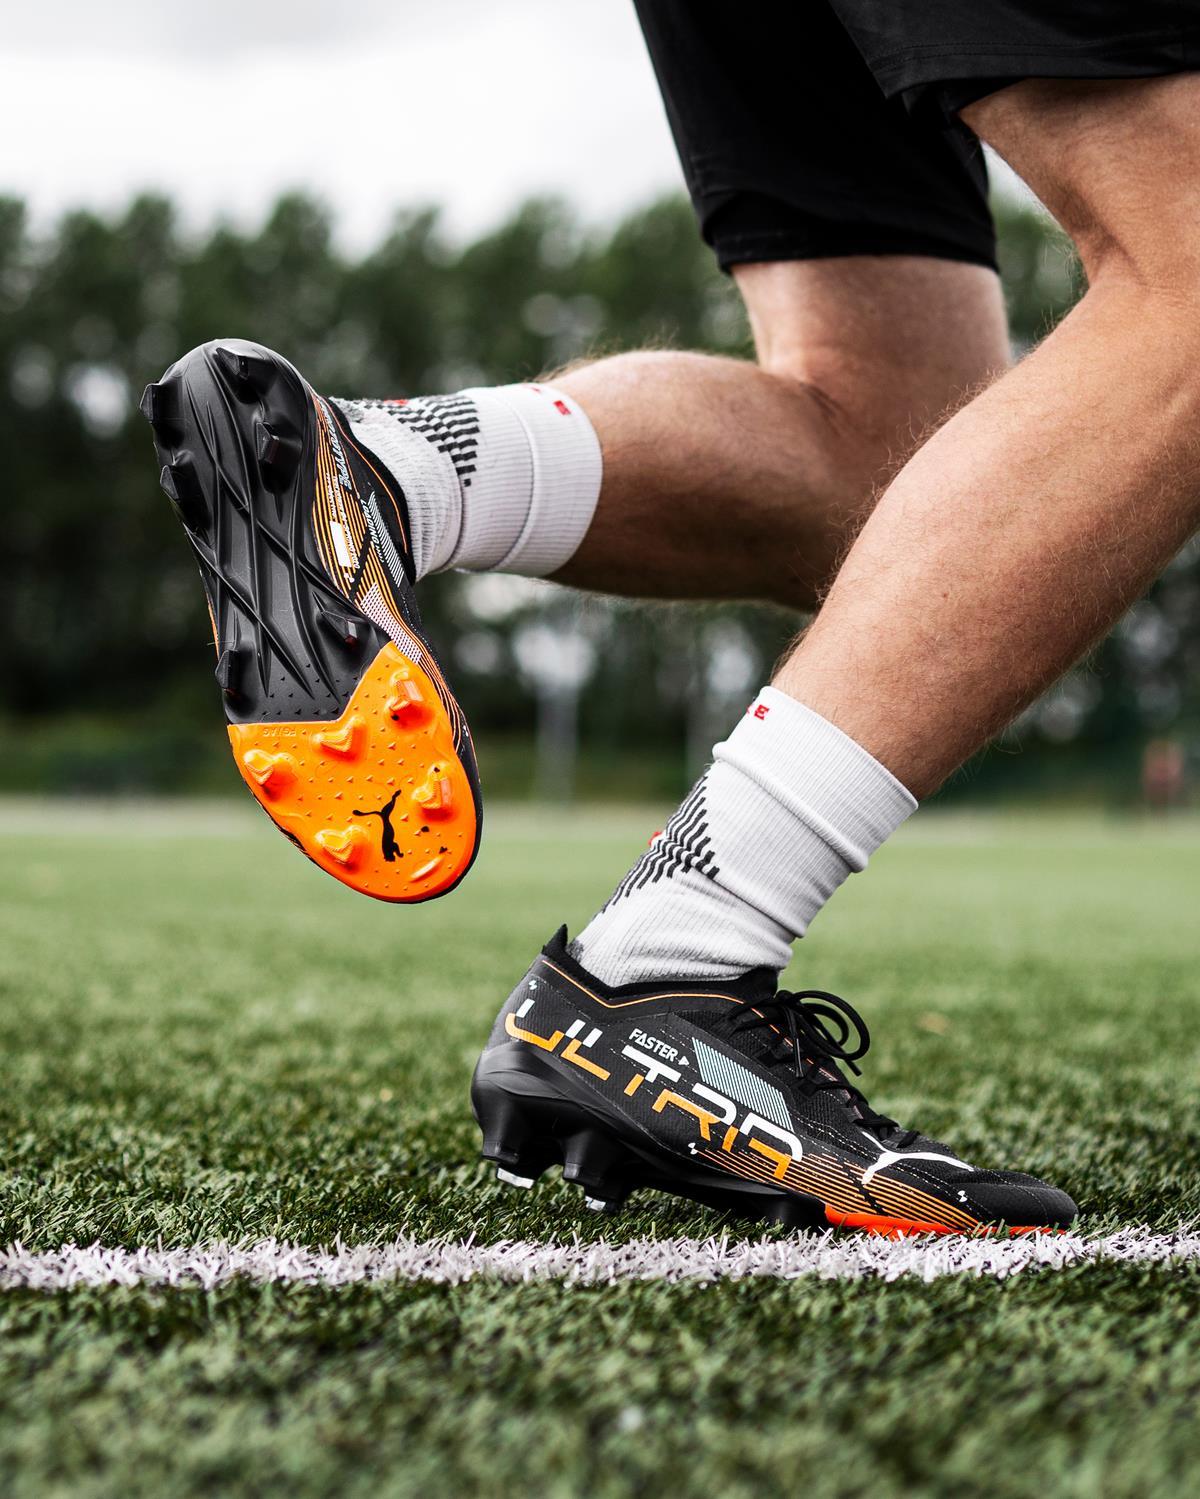 Điểm nổi bật nằm ở trọng lượng giày siêu nhẹ so với PUMA Future và PUMA ONE